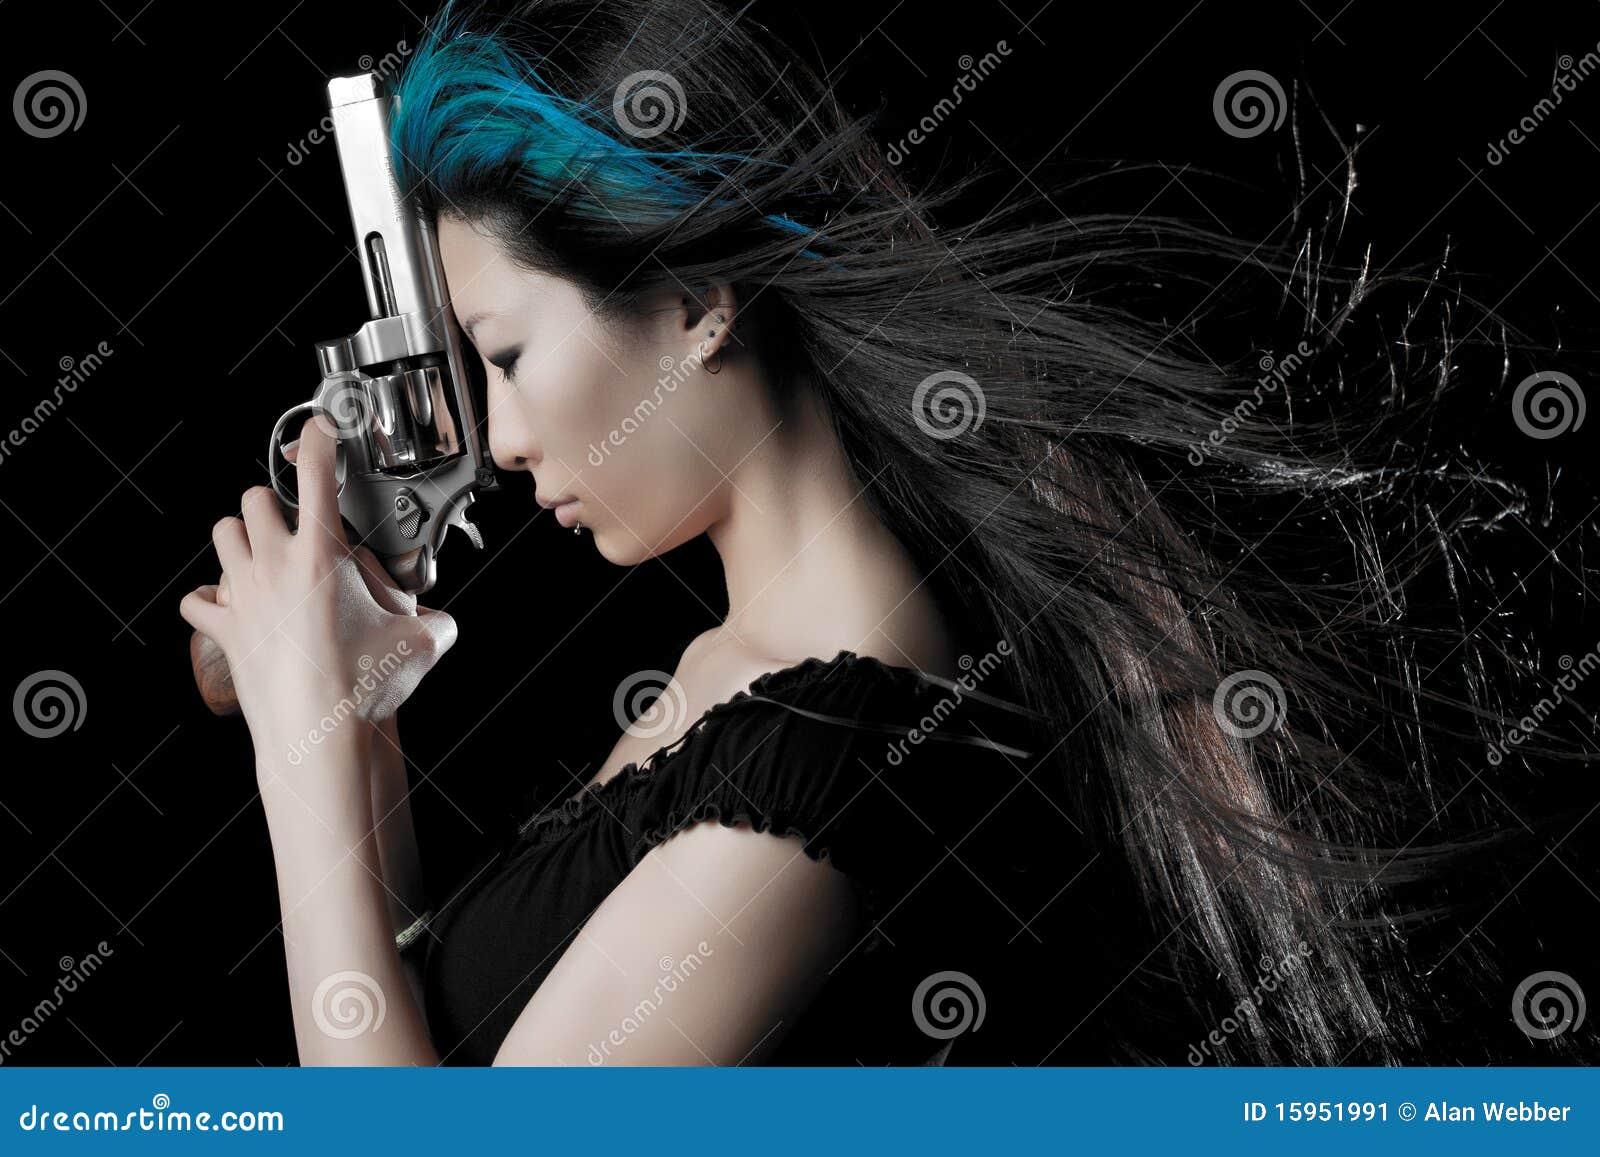 Asian girl with gun